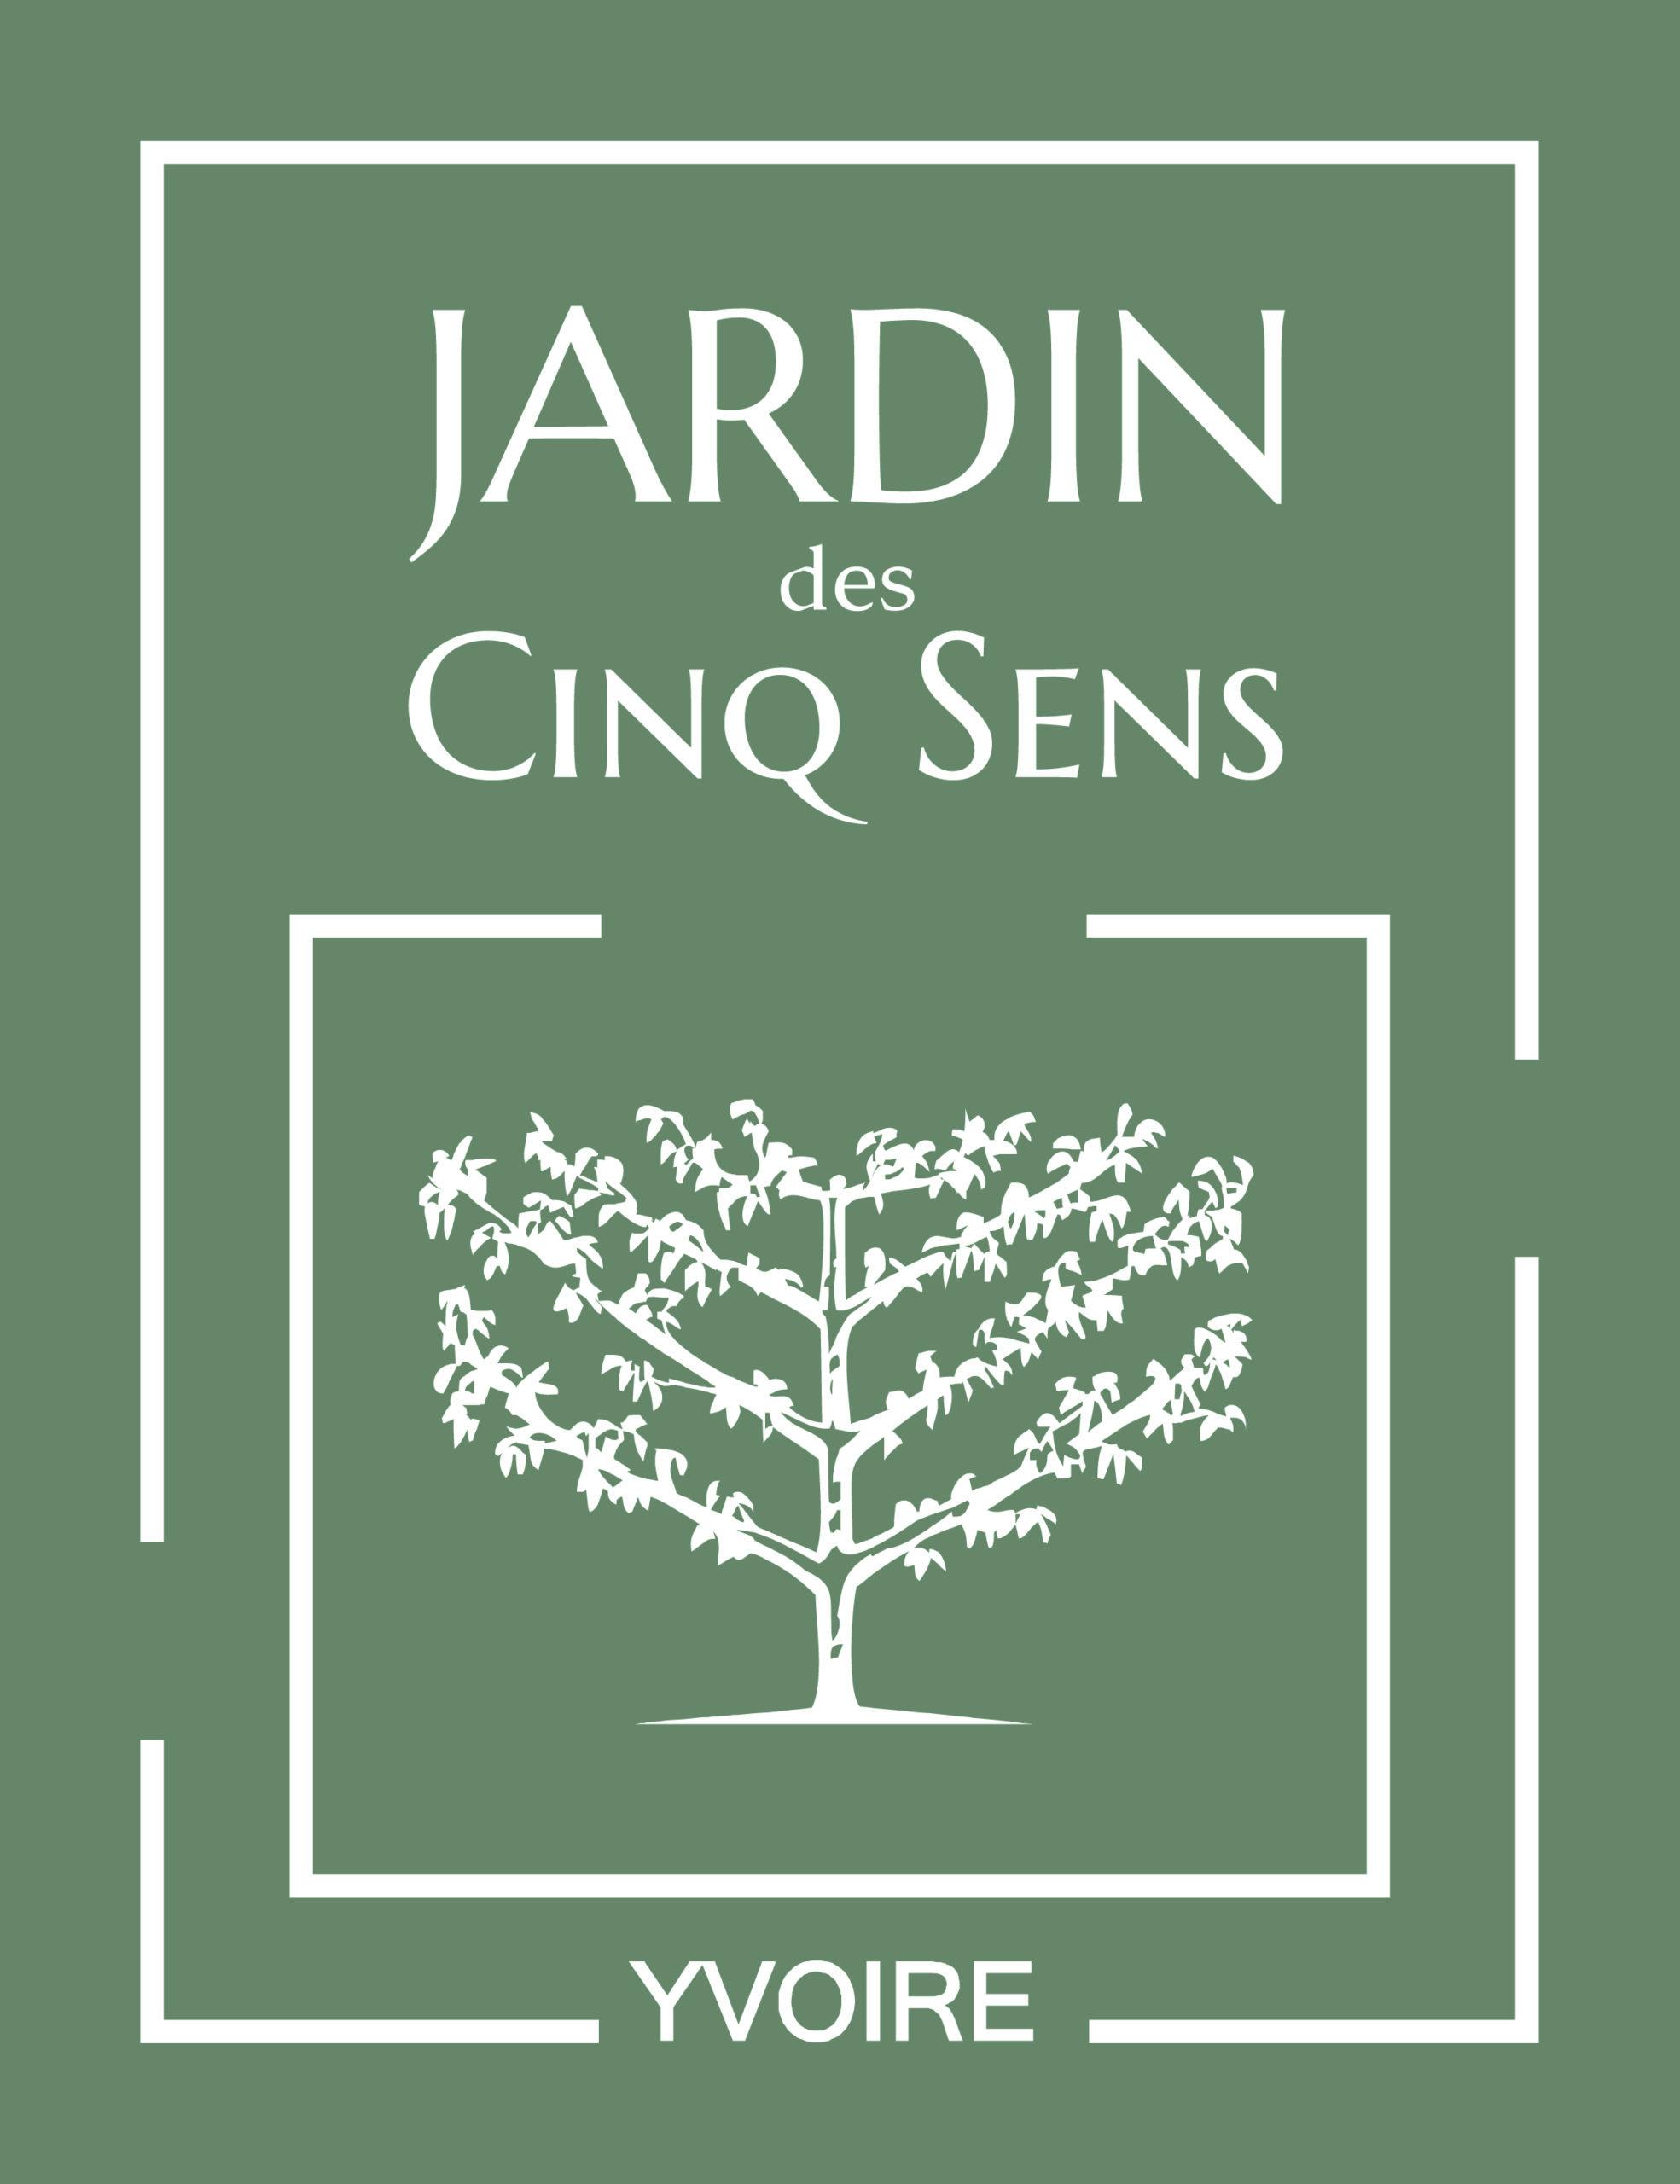 Le jardin des 5 sens